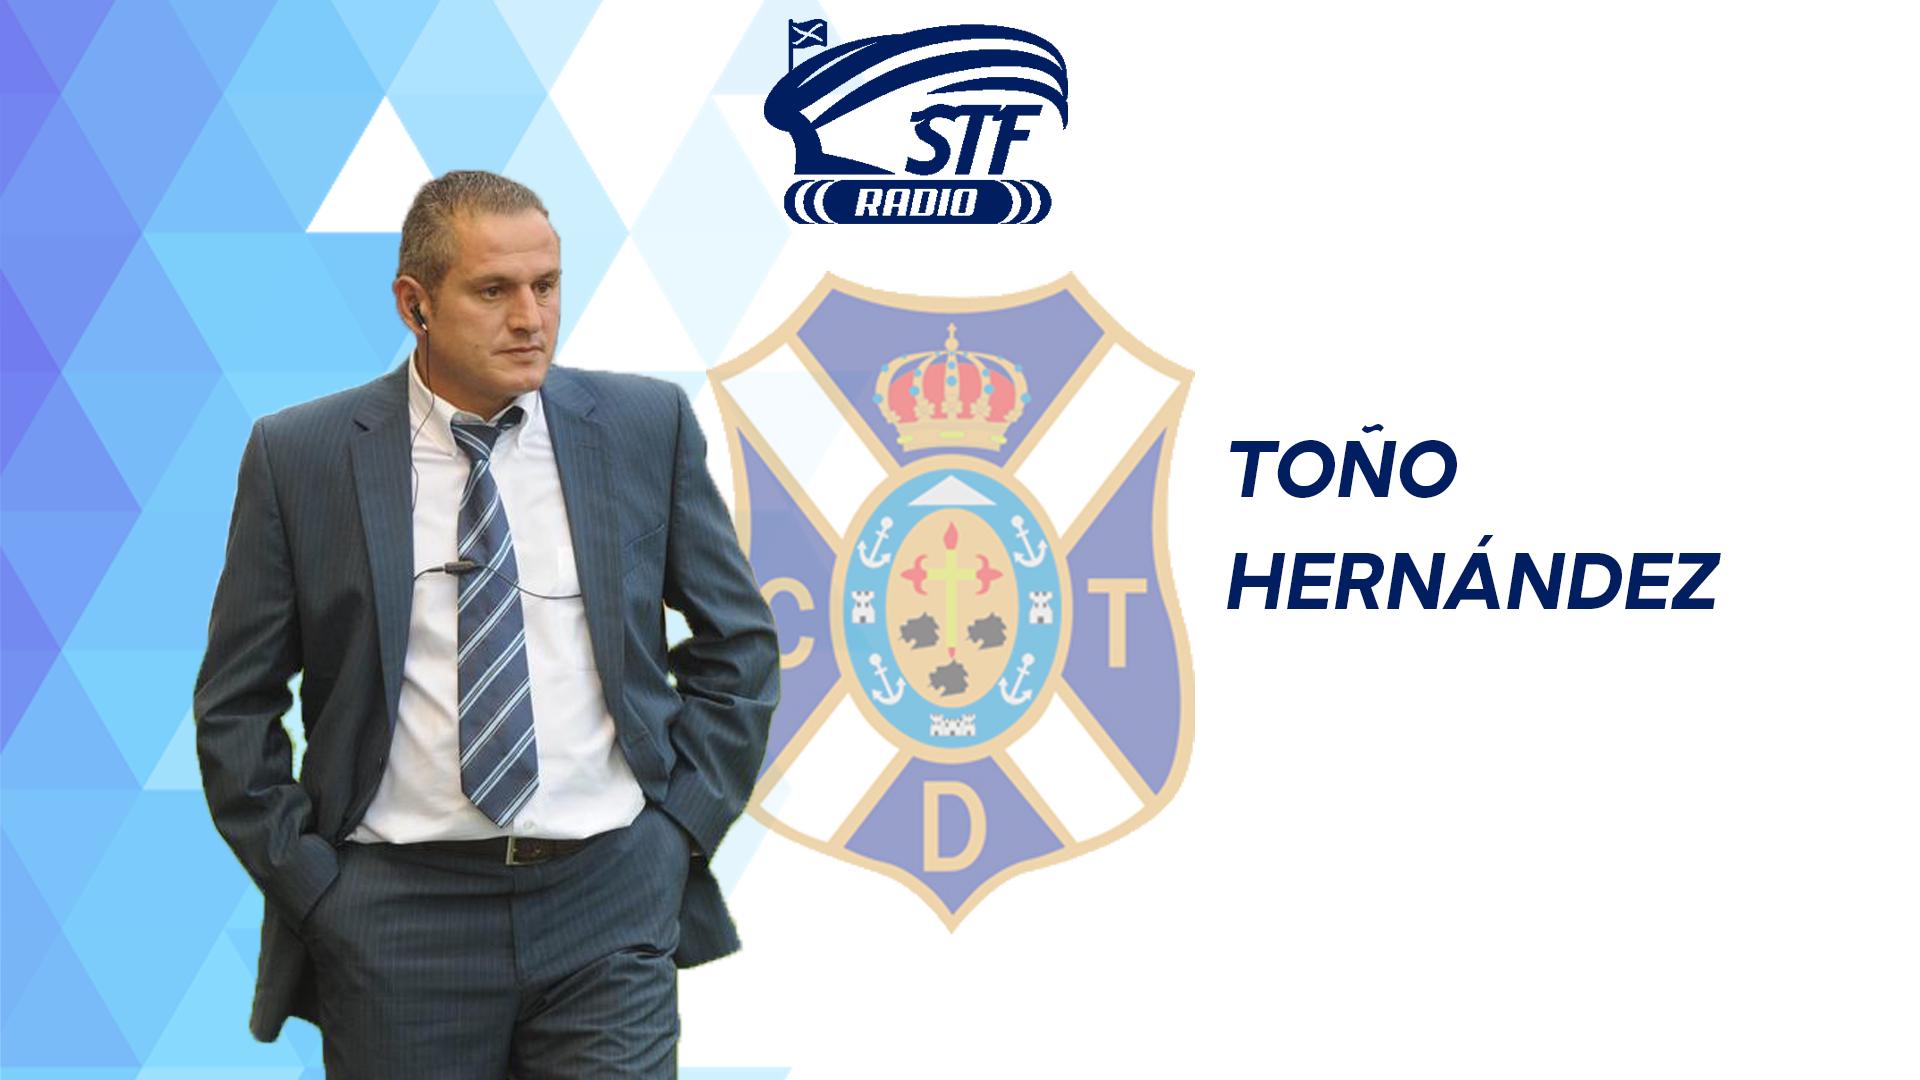 """Toño Hernández en STF Radio: """"En este tipo de partidos uno se siente futbolista de verdad"""""""